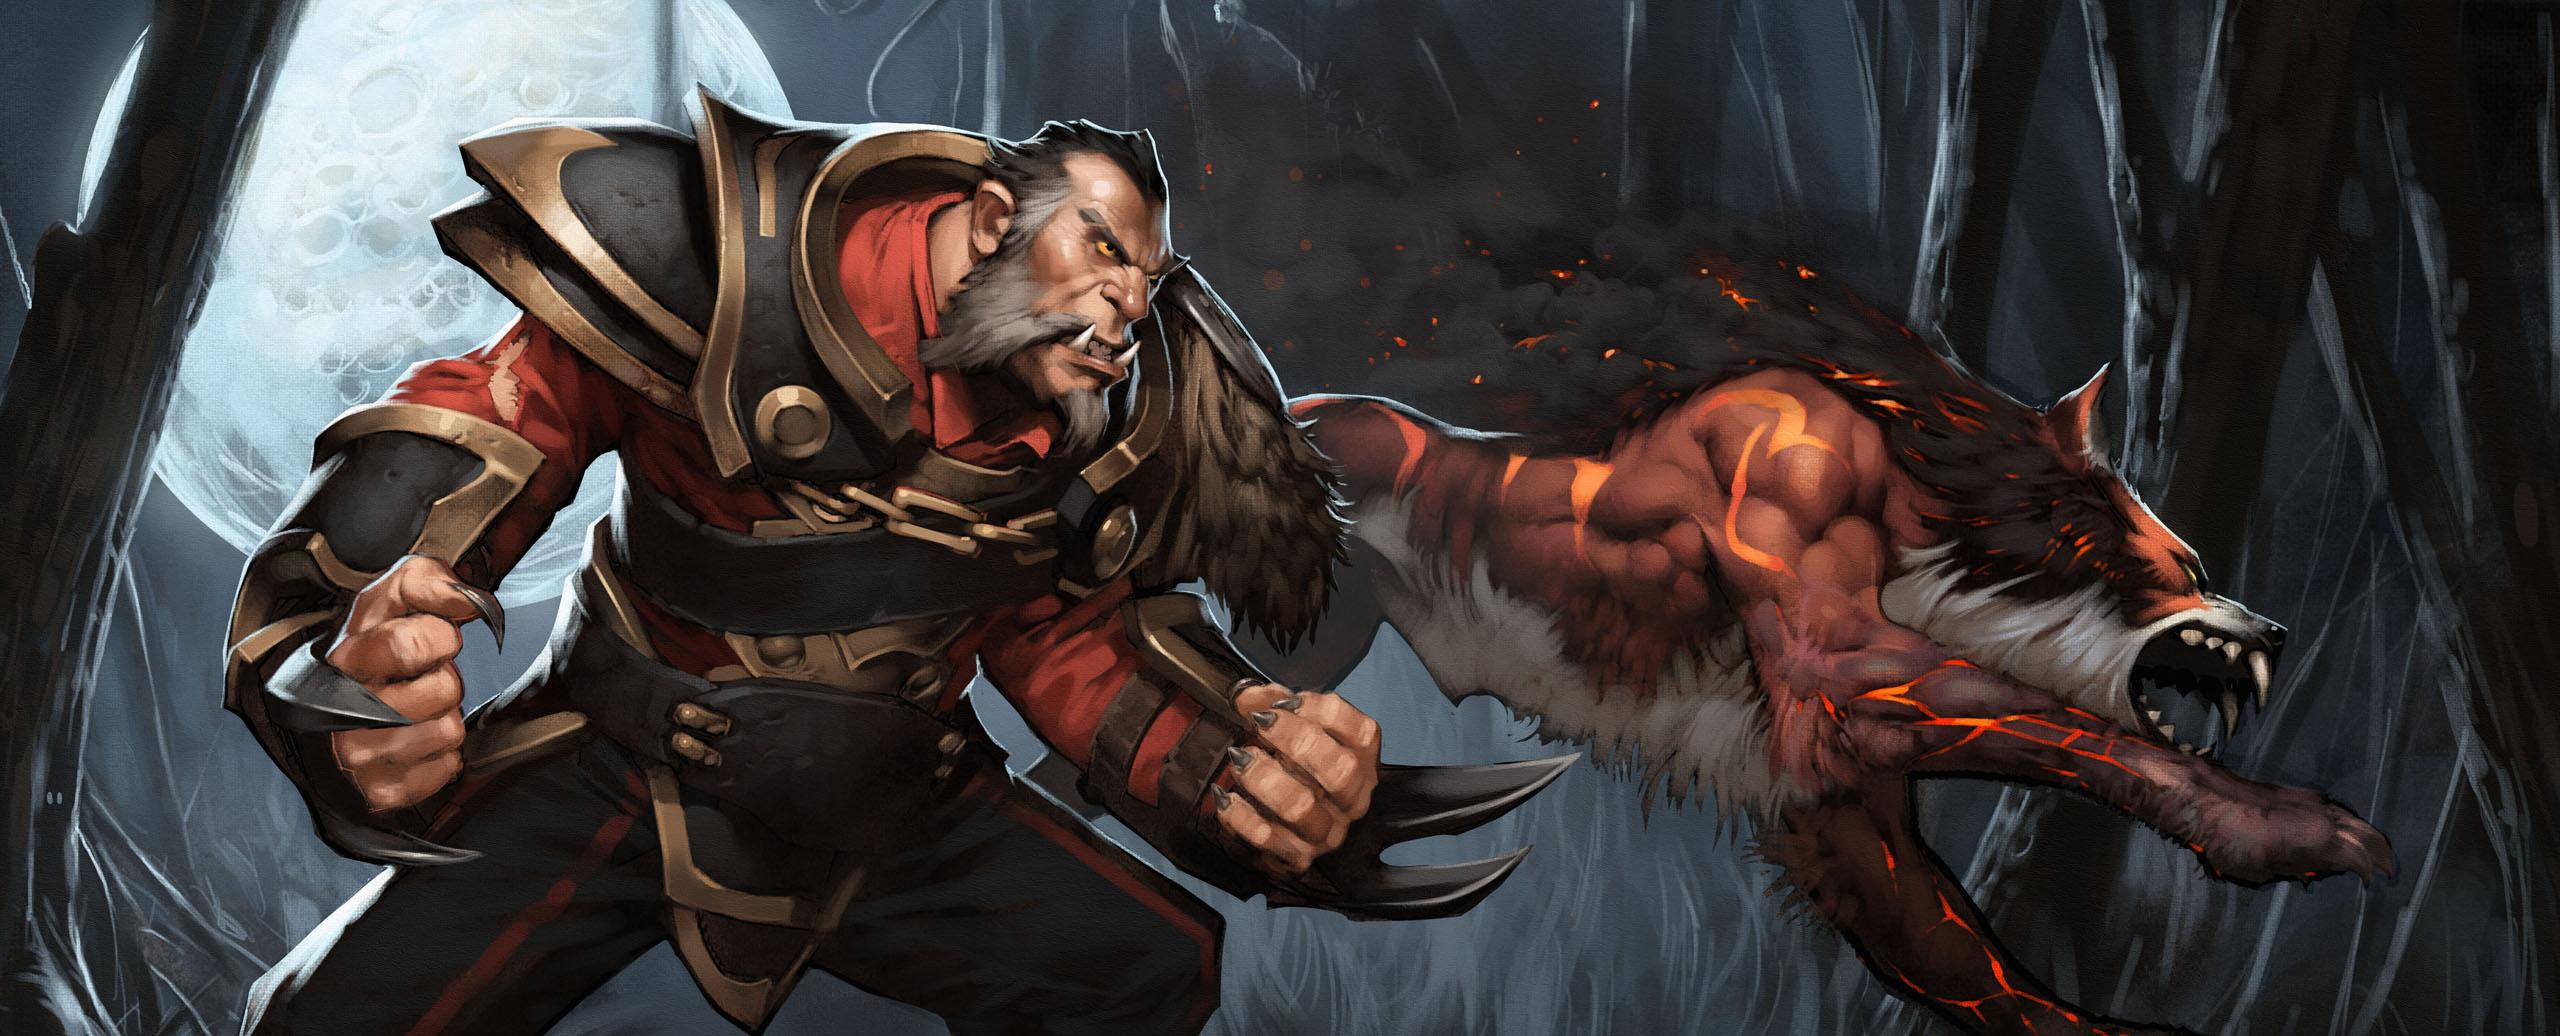 Loạt ảnh nguyên họa của các hero trong DotA 2 - Ảnh 16